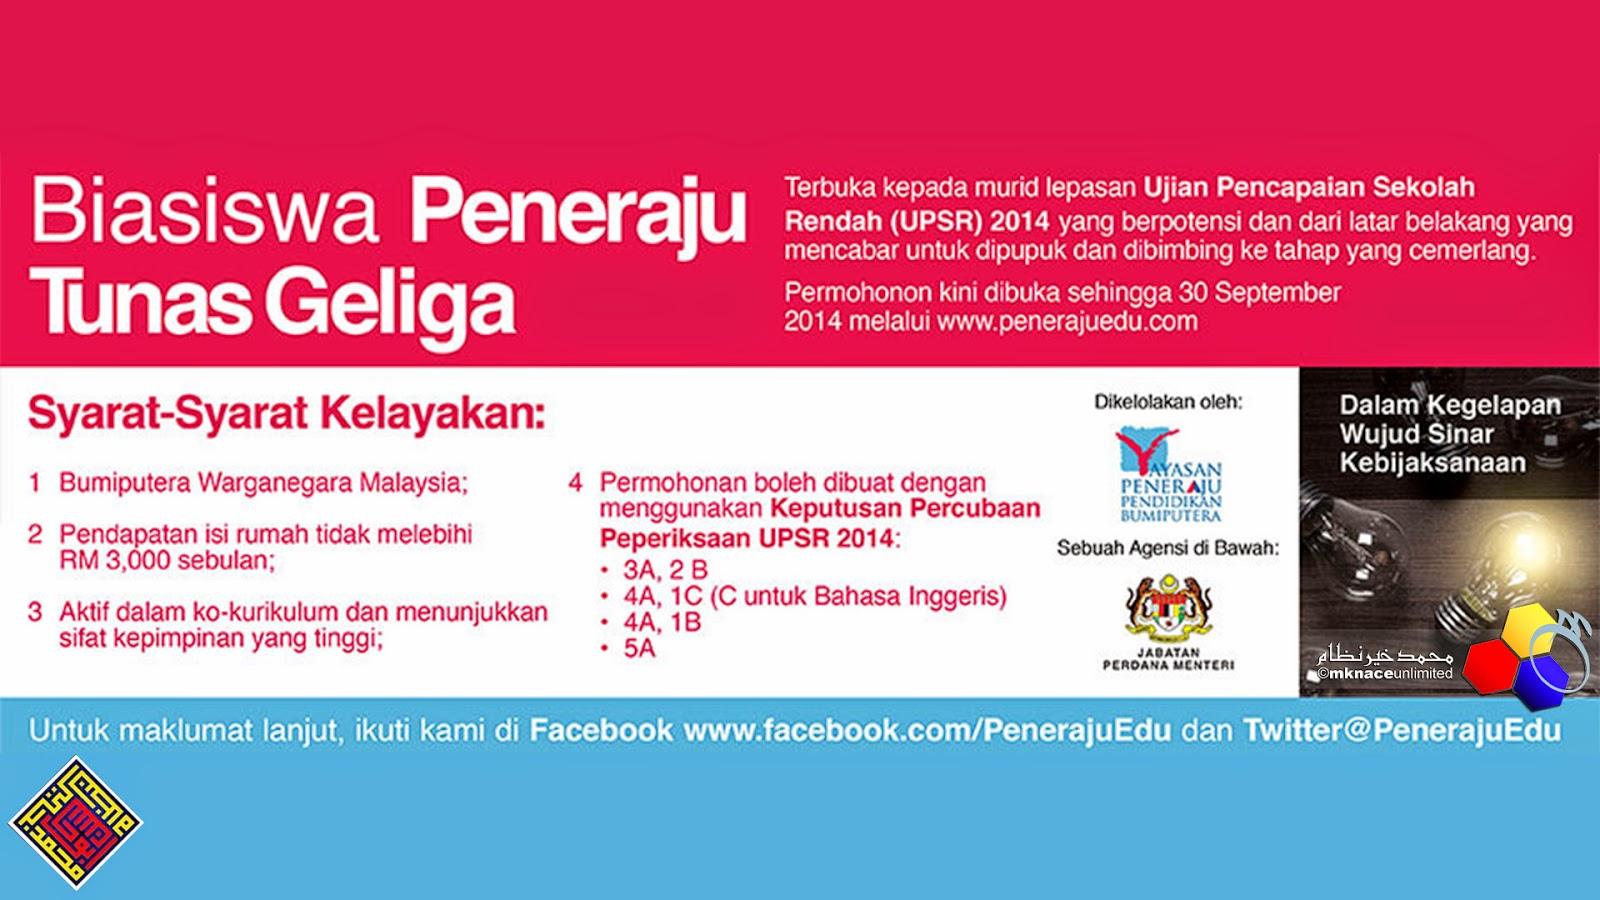 Jalinan Kolaboratif Pelaksanaan Program Peneraju Tunas Geliga Antara Kementerian Pendidikan Malaysia Kpm Dan Yayasan Peneraju Pendidikan Bumiputera Yppb